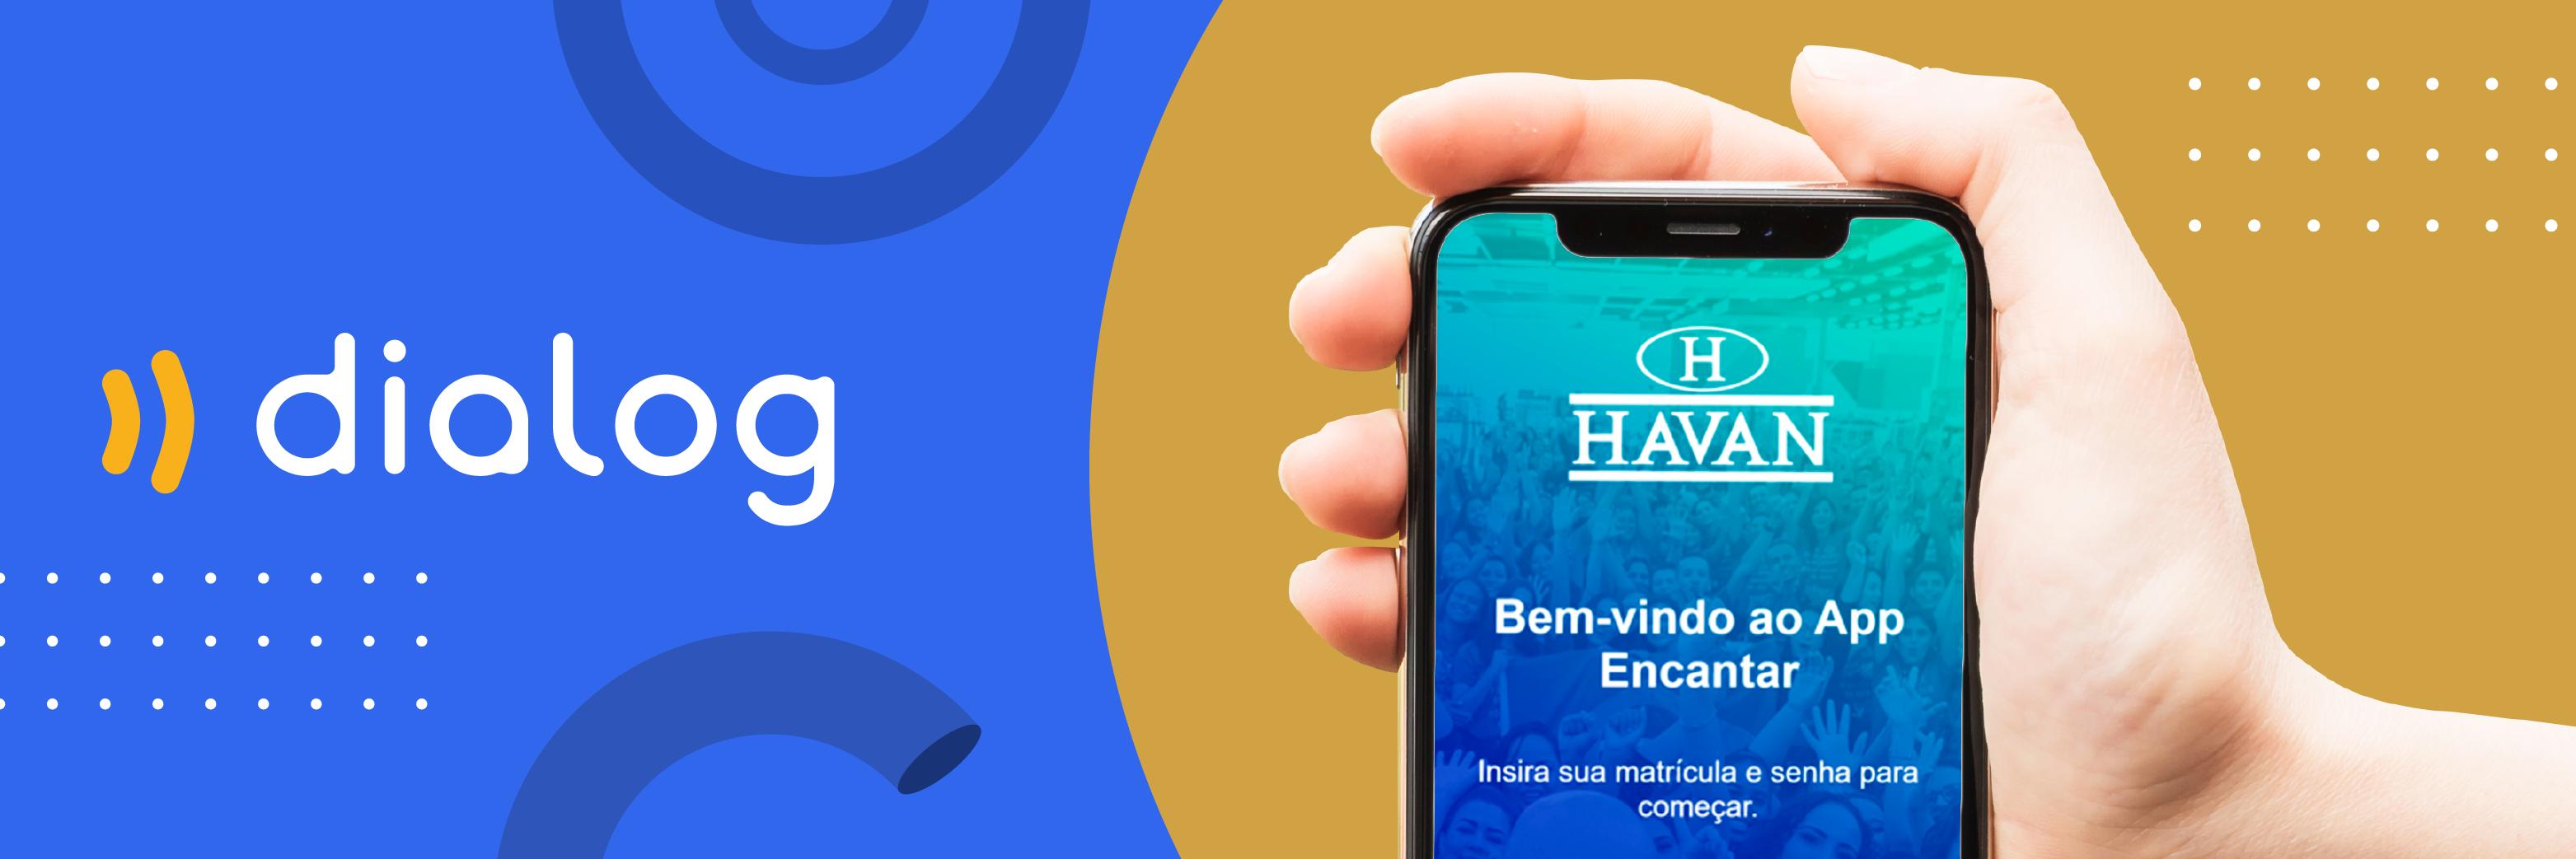 Case Havan